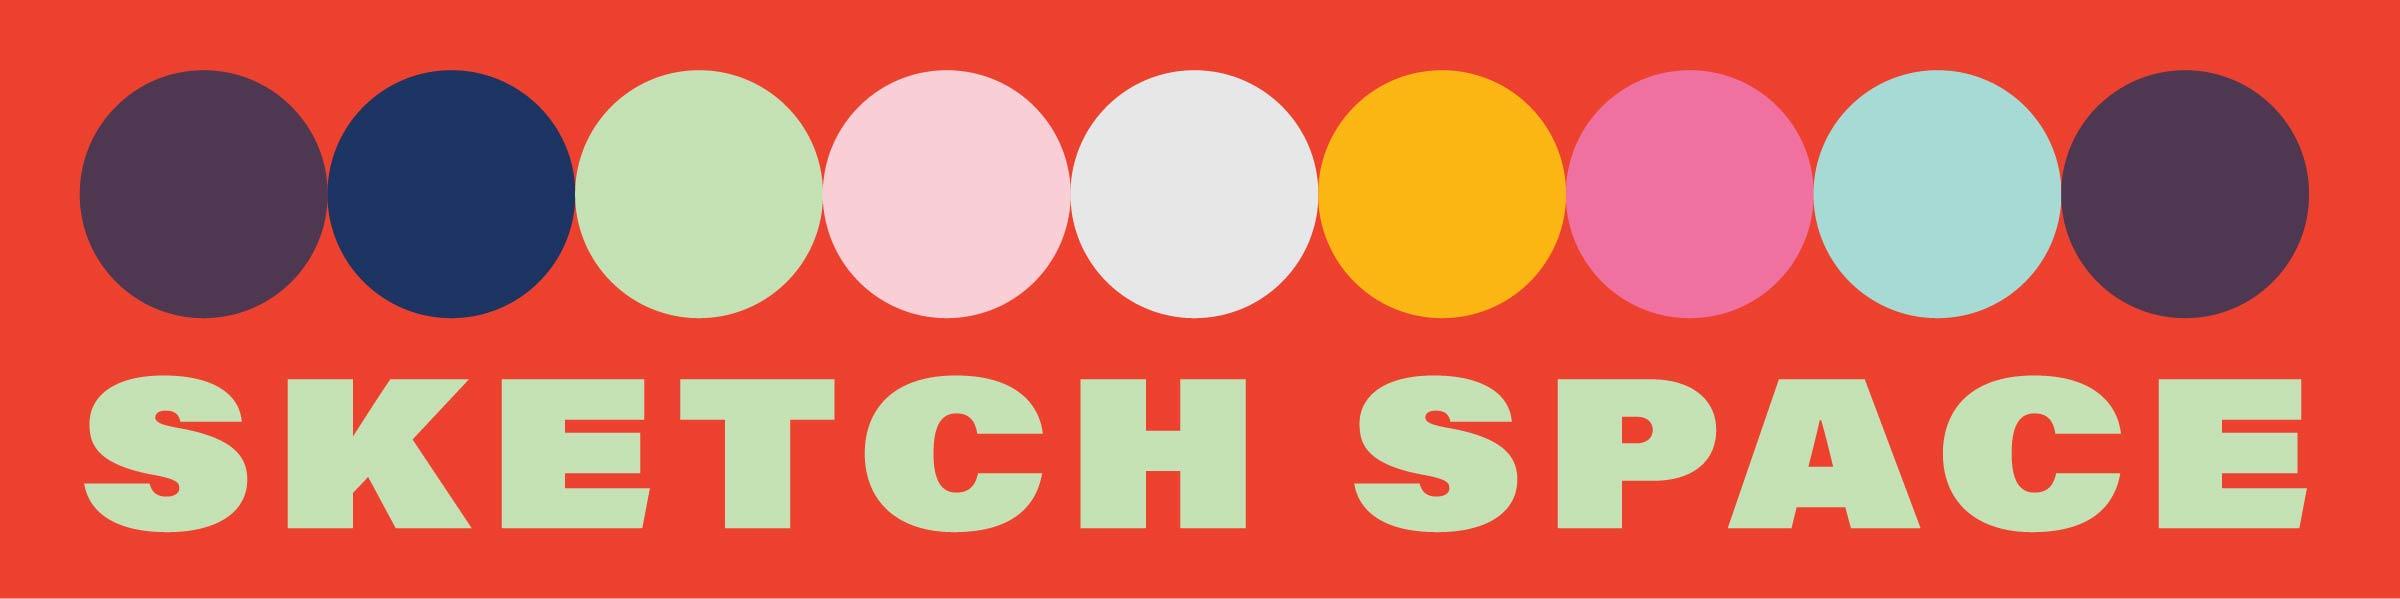 SketchSpace logo